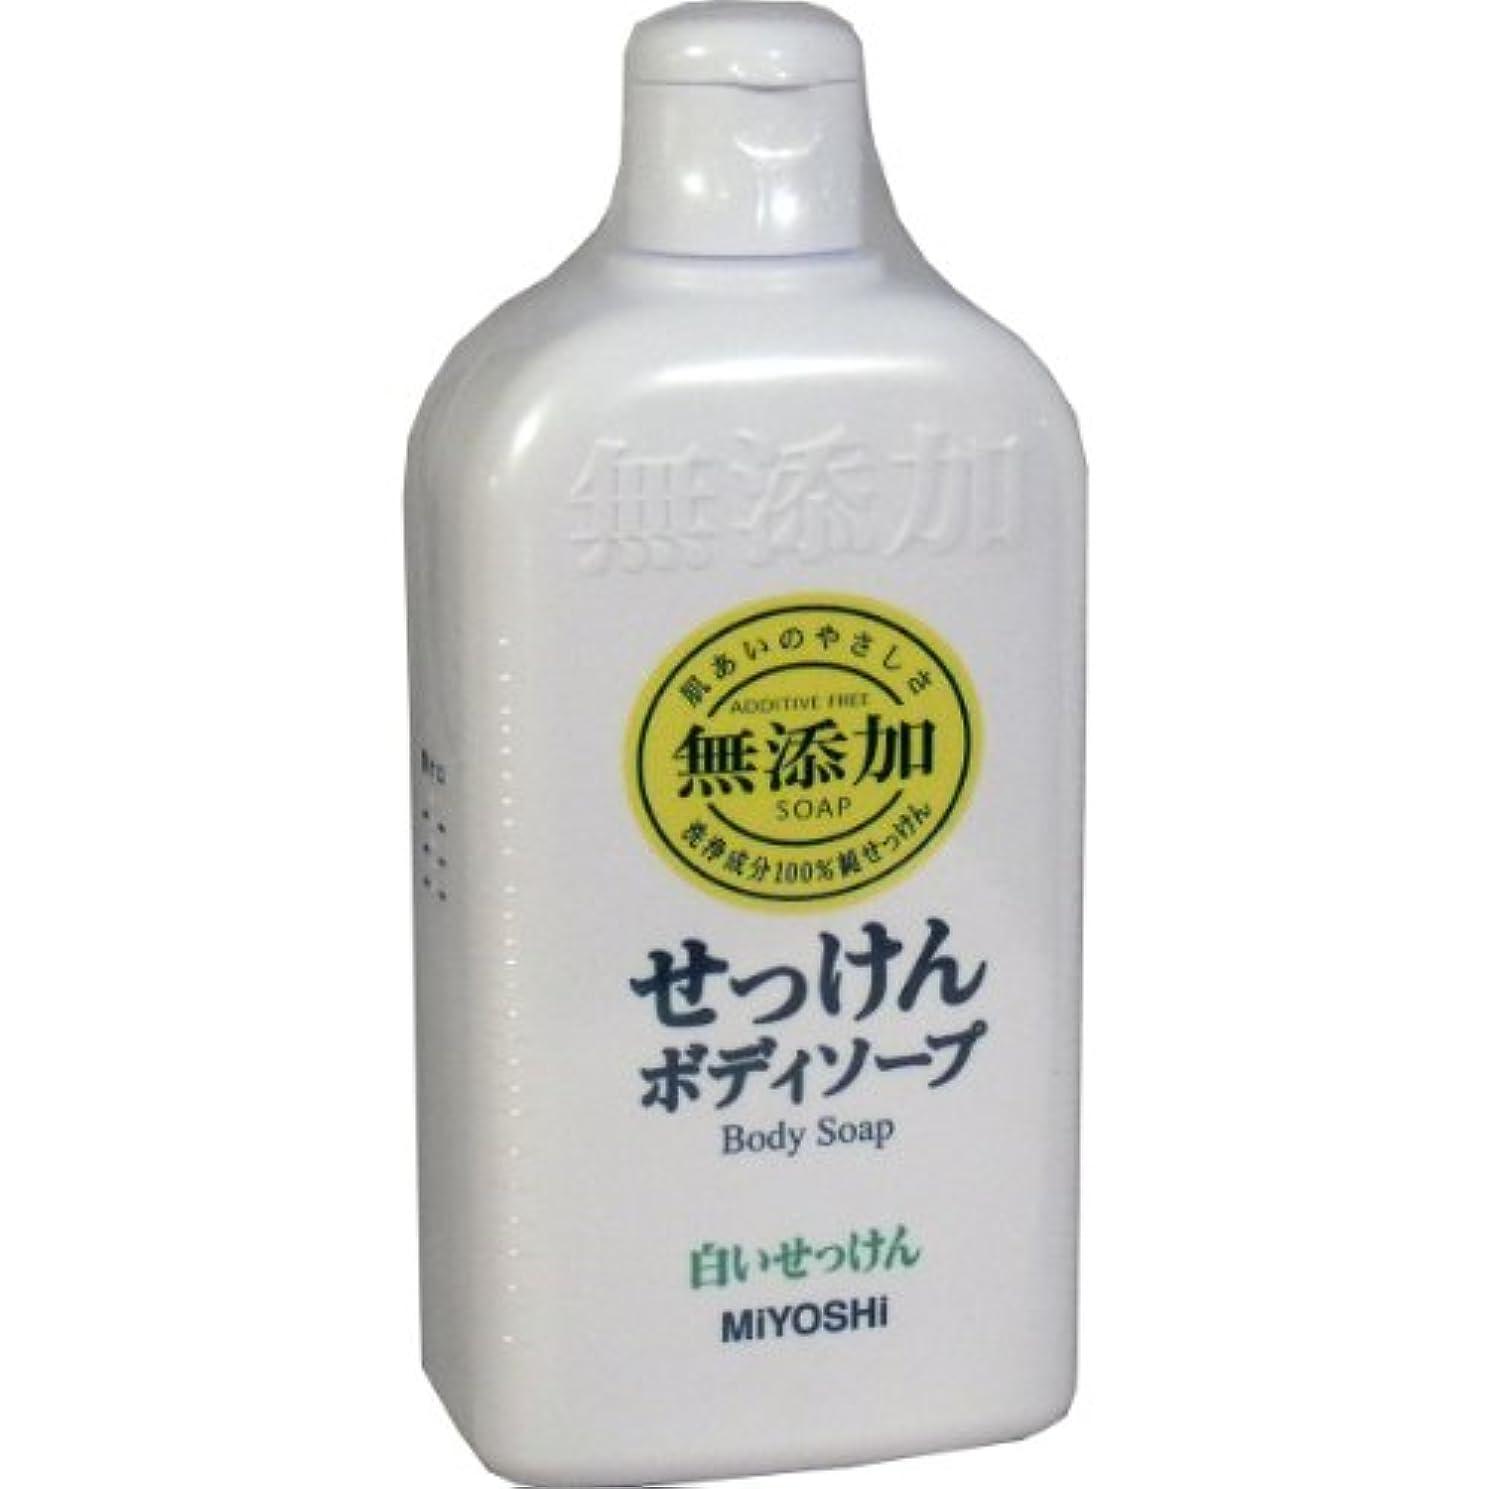 ベギン検閲拮抗無添加 ボディーソープ 白いせっけん × 10個セット